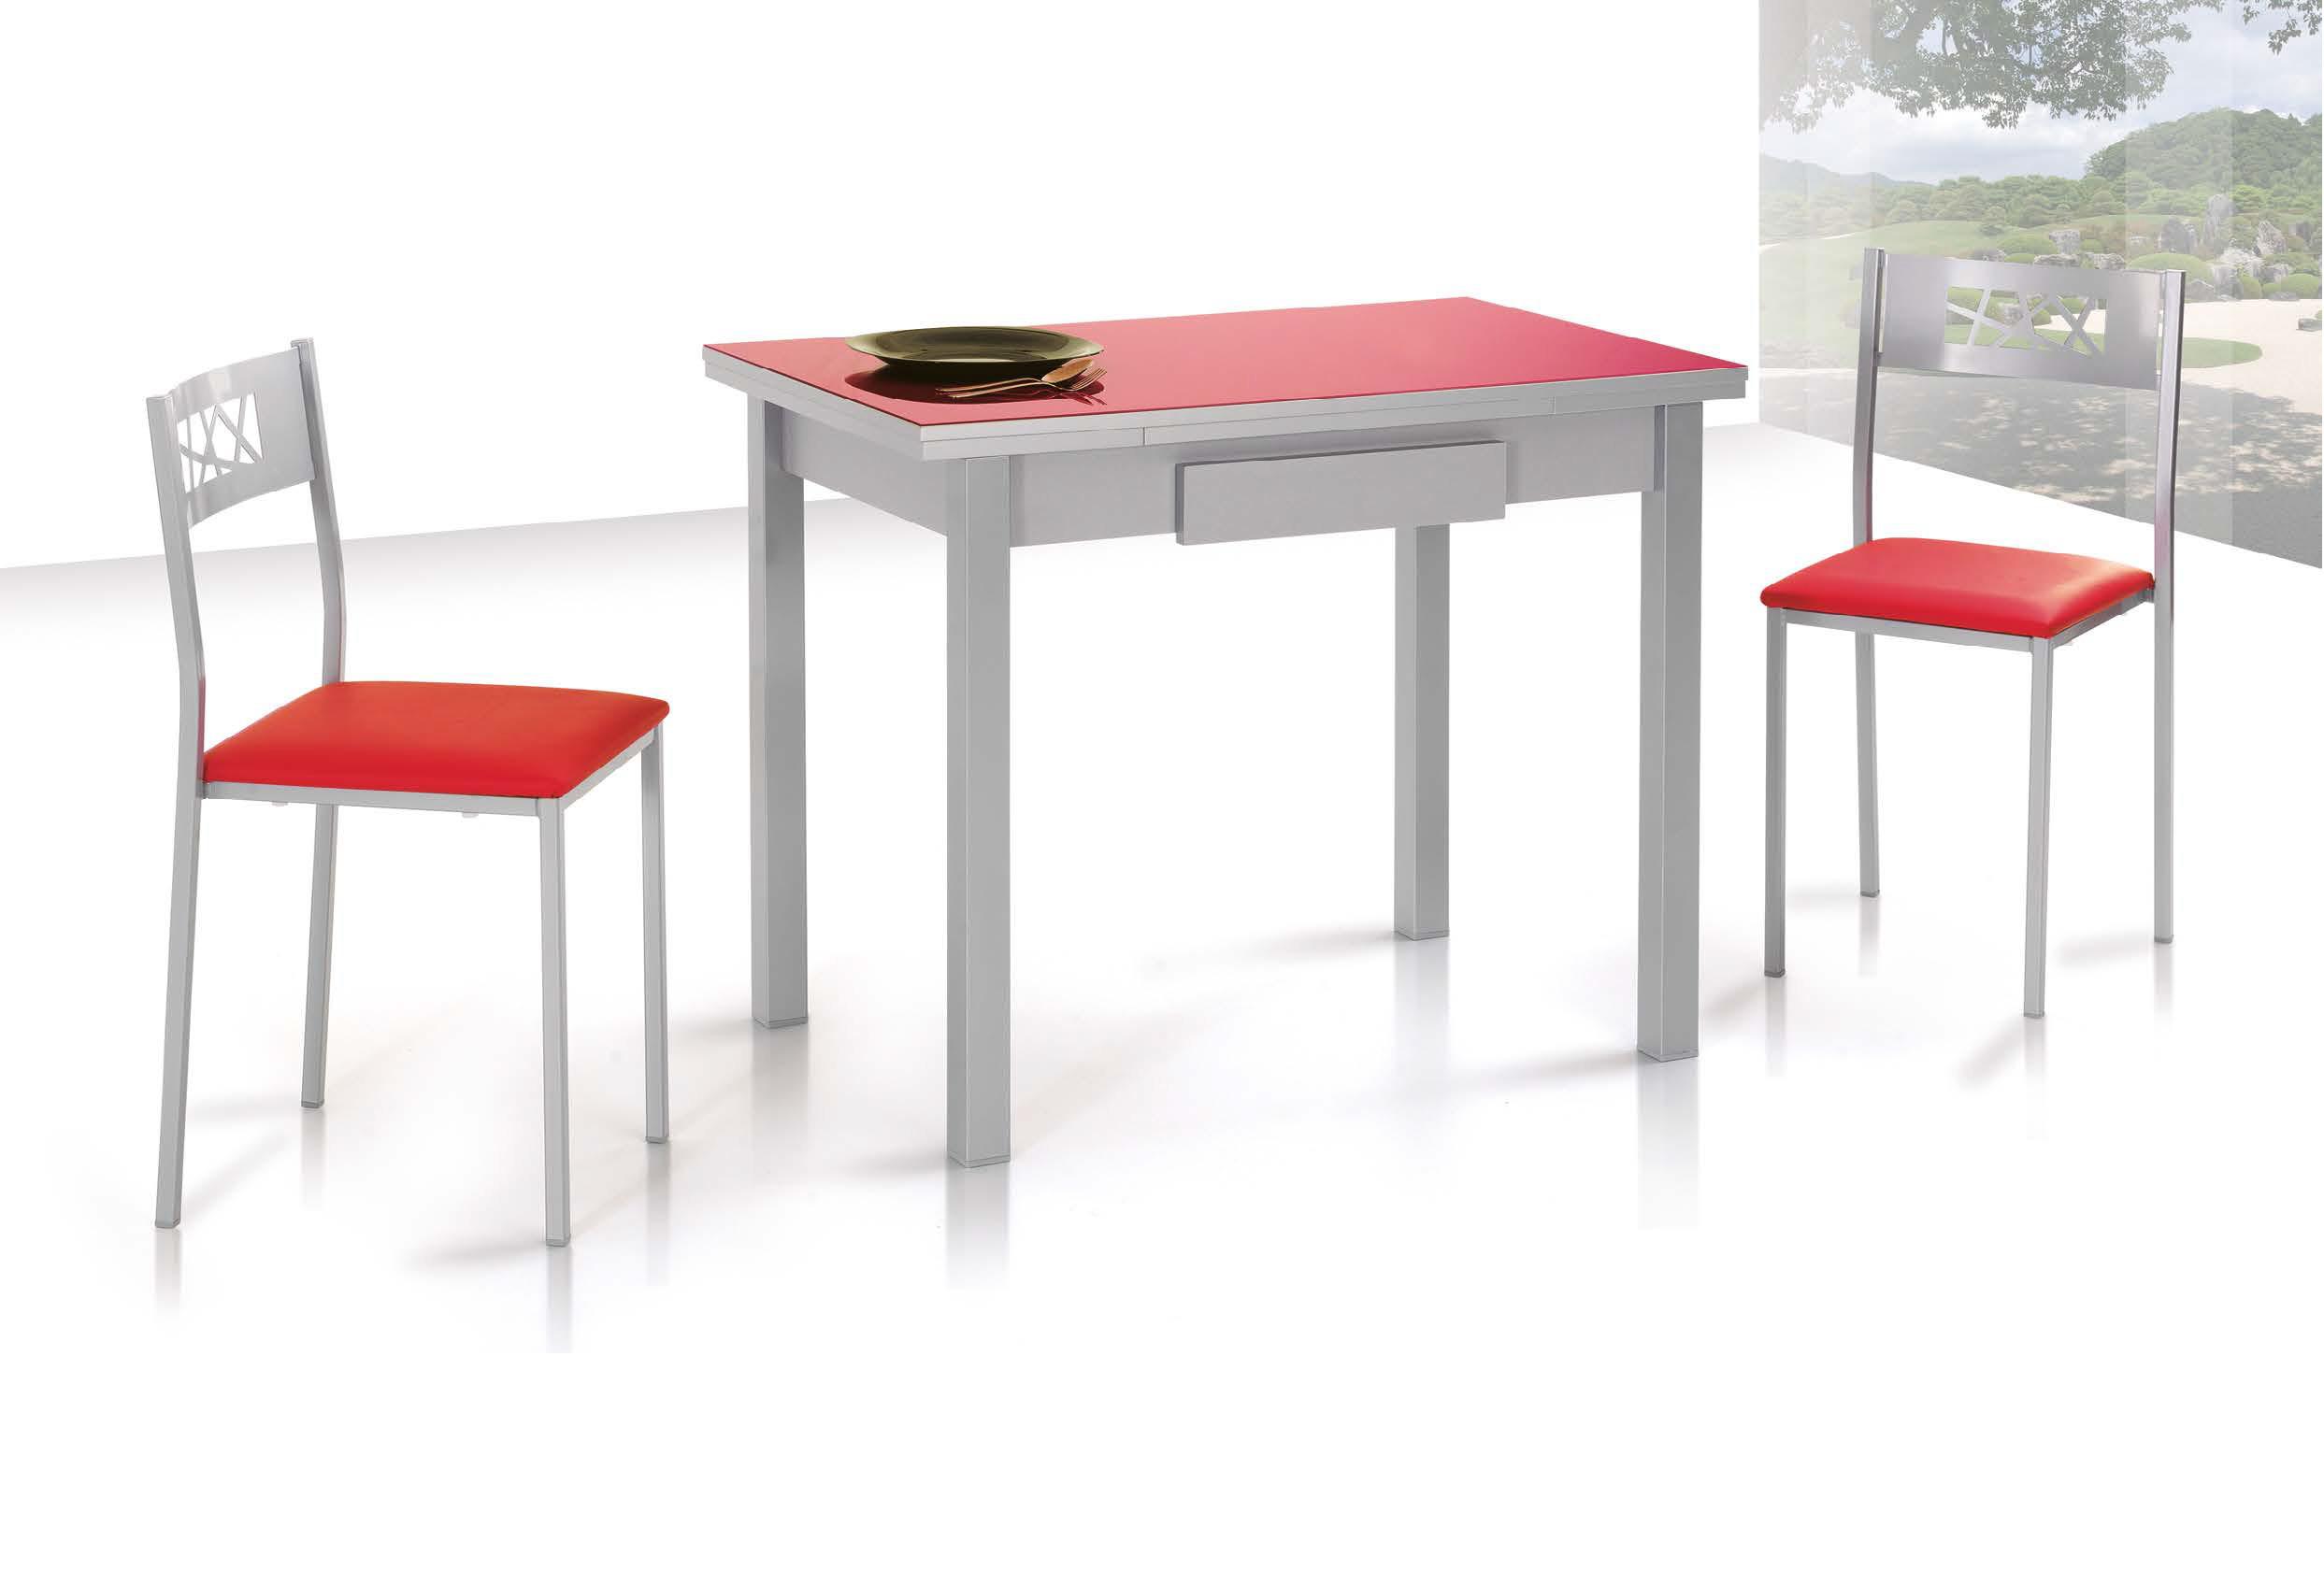 mesas-y-sillas-de-cocina-Low-2018-muebles-paco-caballero-209-5c952464c04f9